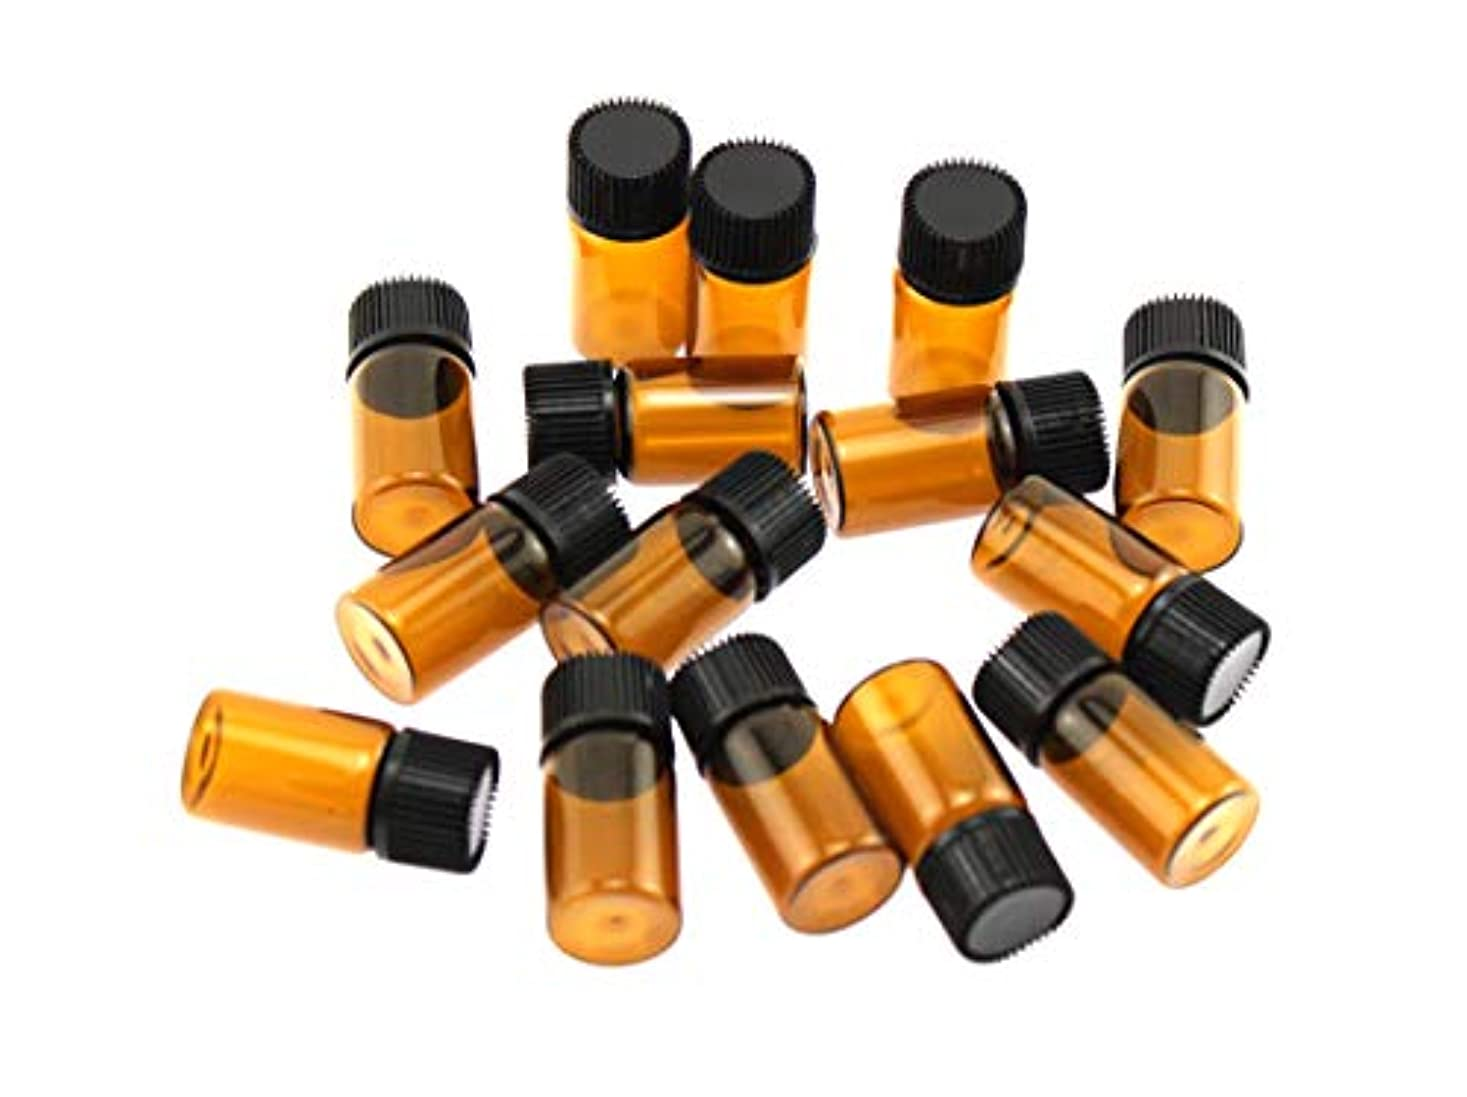 無人伸ばす検索エンジンマーケティングOlive-G アロマオイル エッセンシャルオイル 保存 小分け用 ガラスボトル 遮光タイプ 15本セット ブラウン